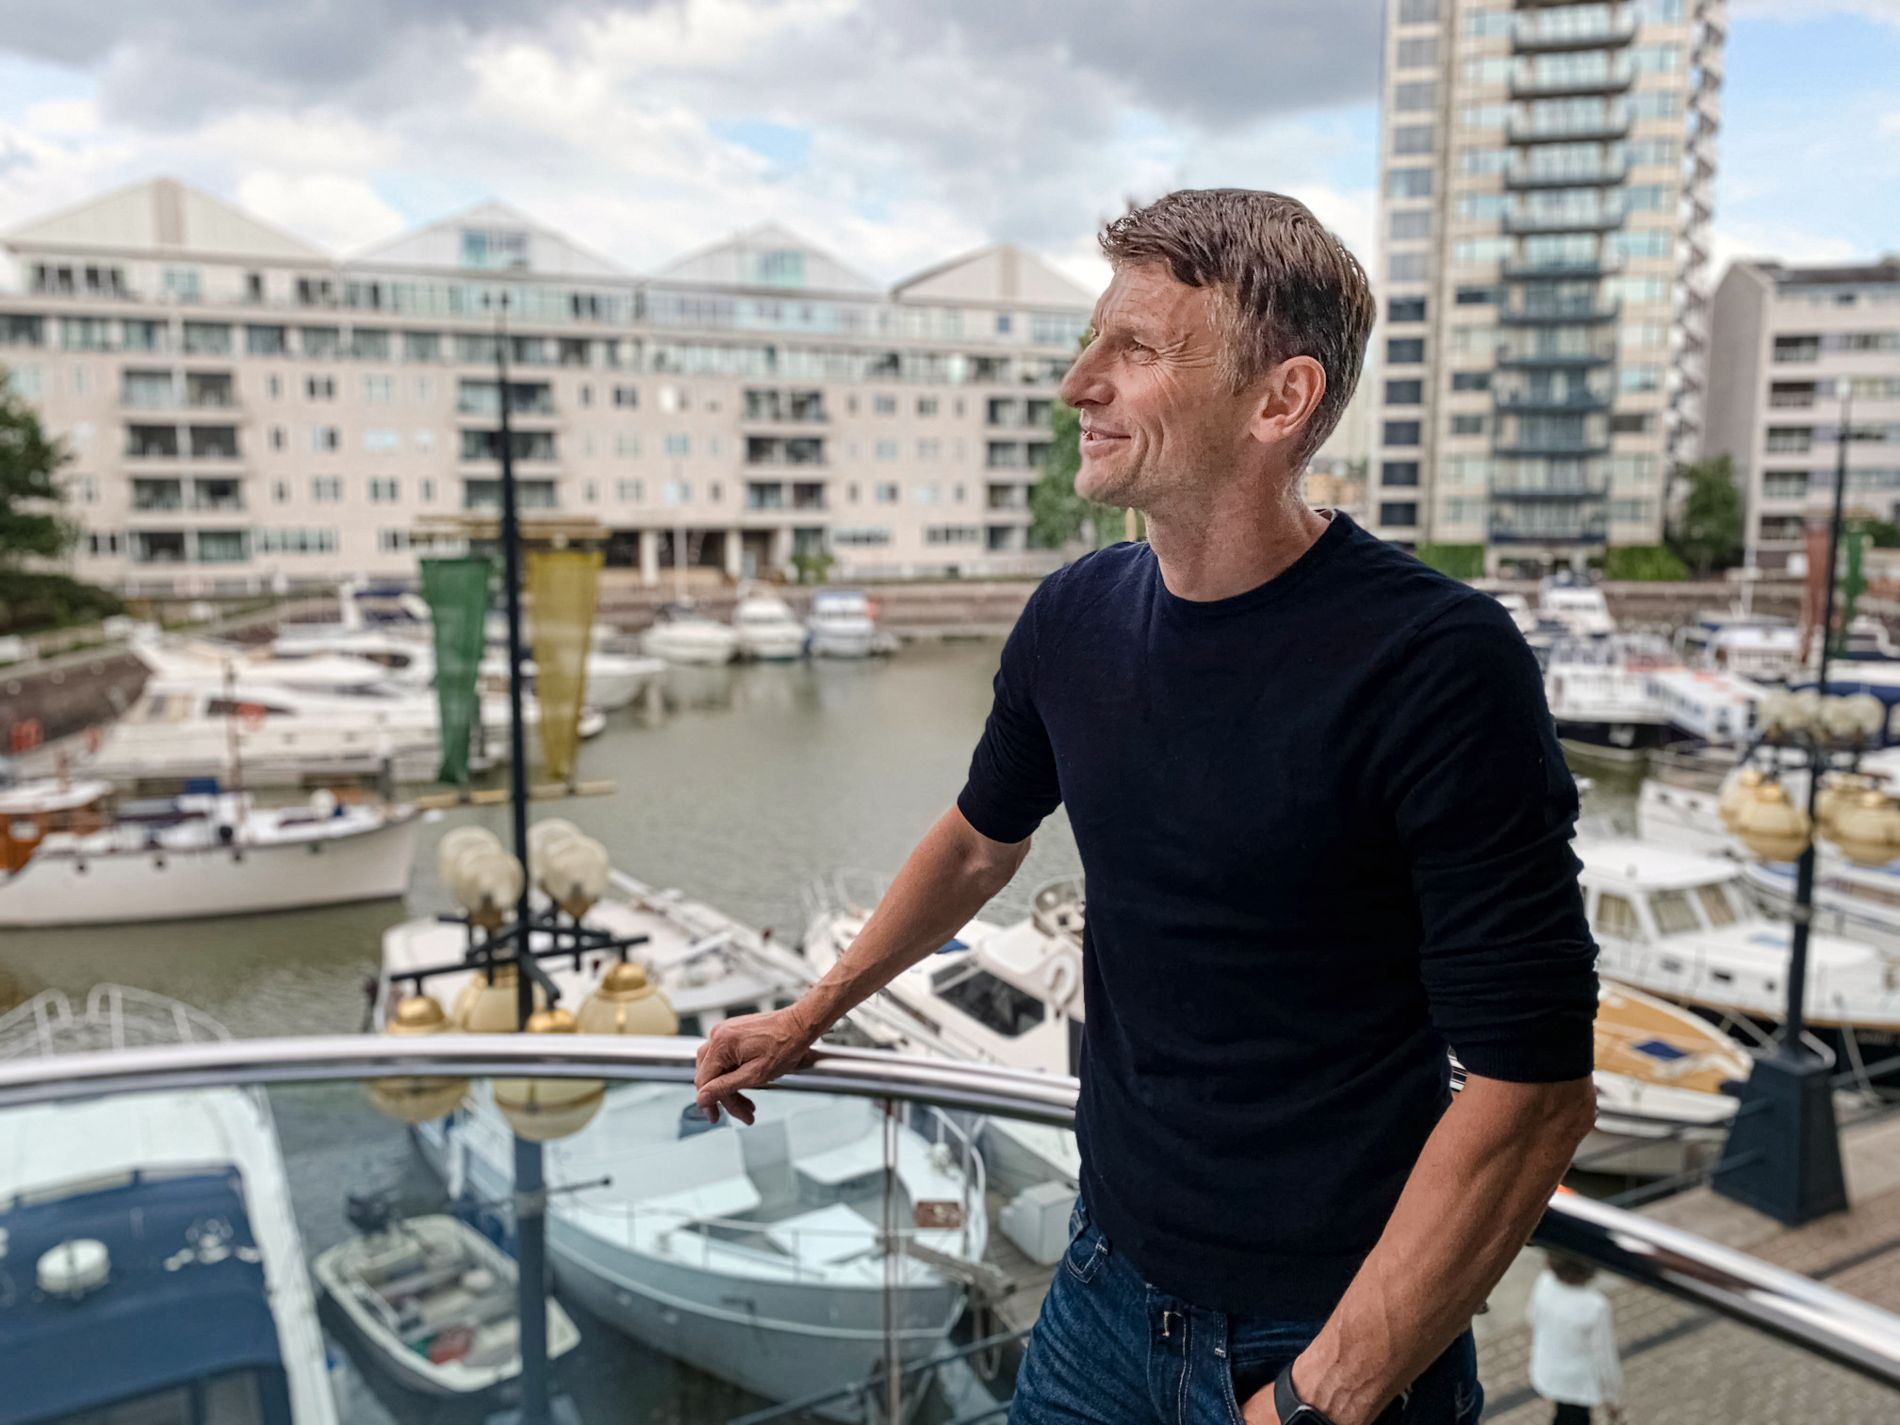 LONDON-LIVET: Tore André Flo har nettopp vært i en jobblunsj på Chelsea Harbour Hotel da han møter VG på terrassen foran havnen. Senere på dagen står bordtennis-turnering med barna på programmet.